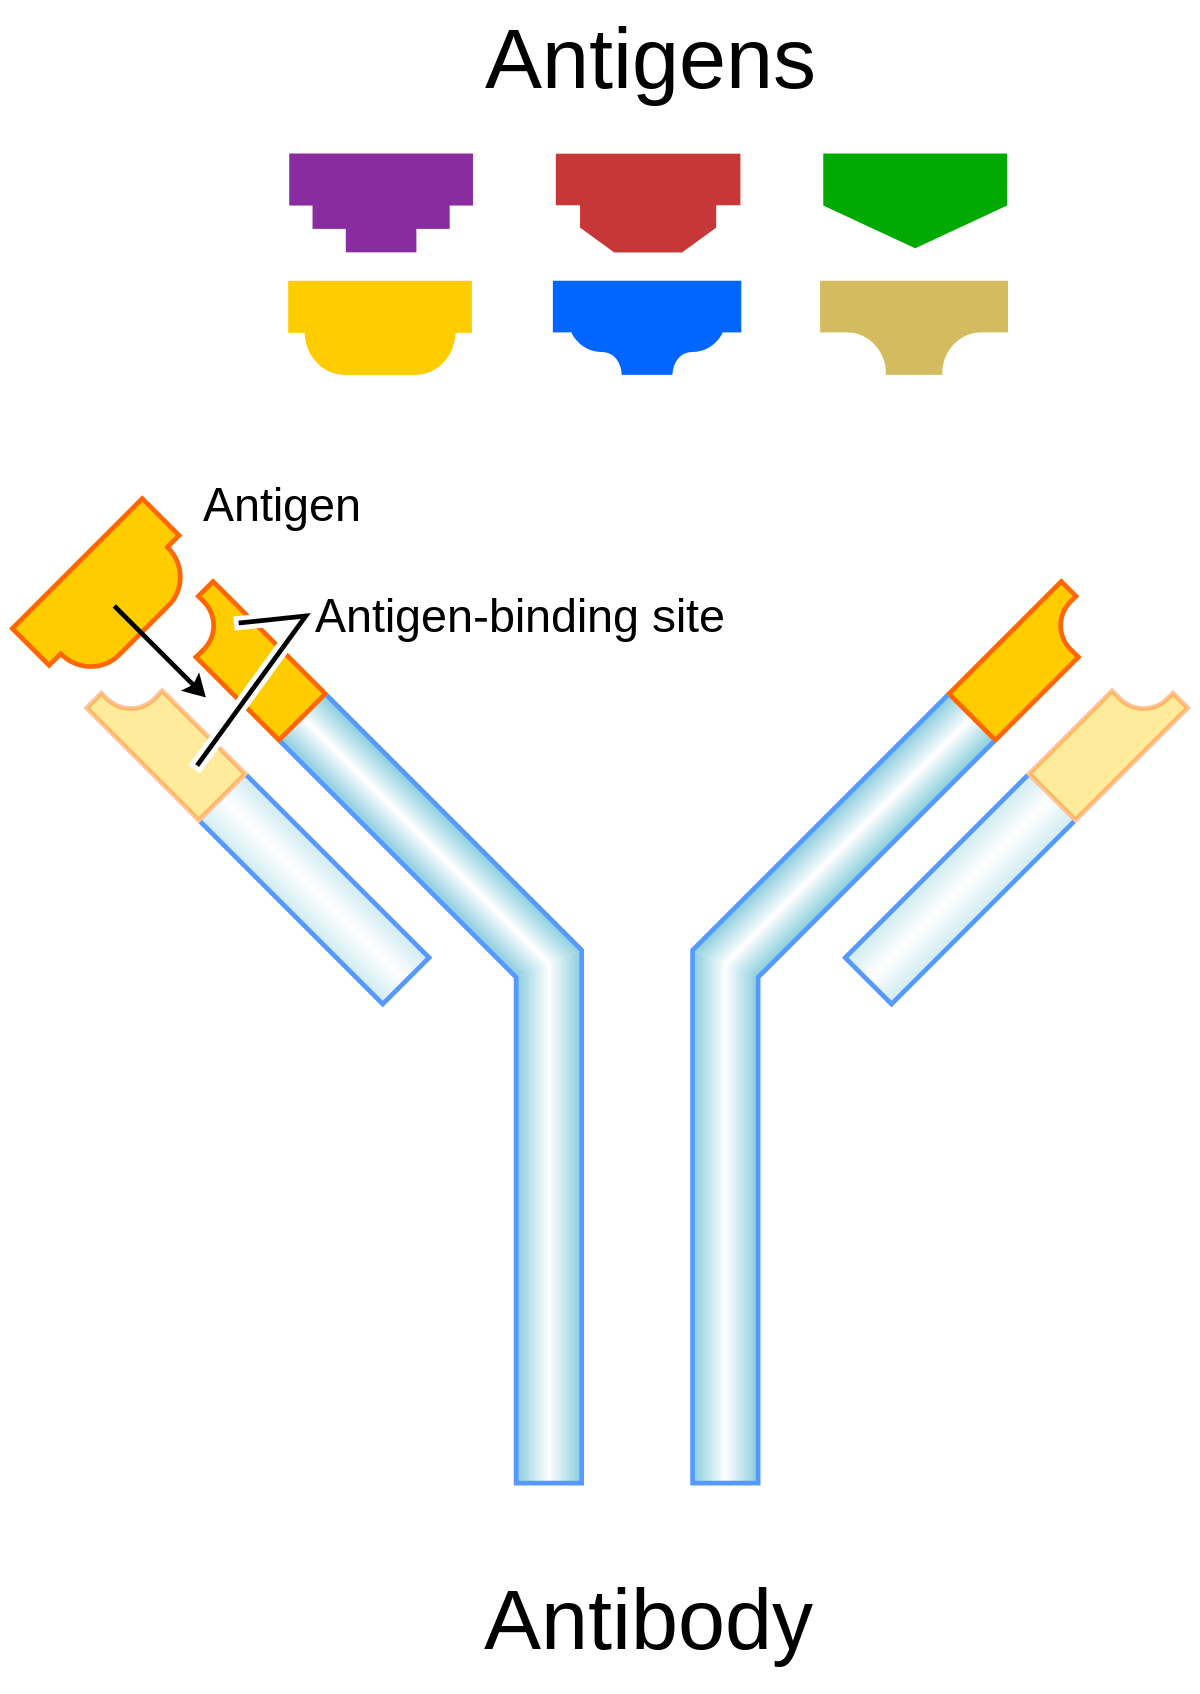 a keresztezett férgek elleni összes antitest féreghajto veny nelkul